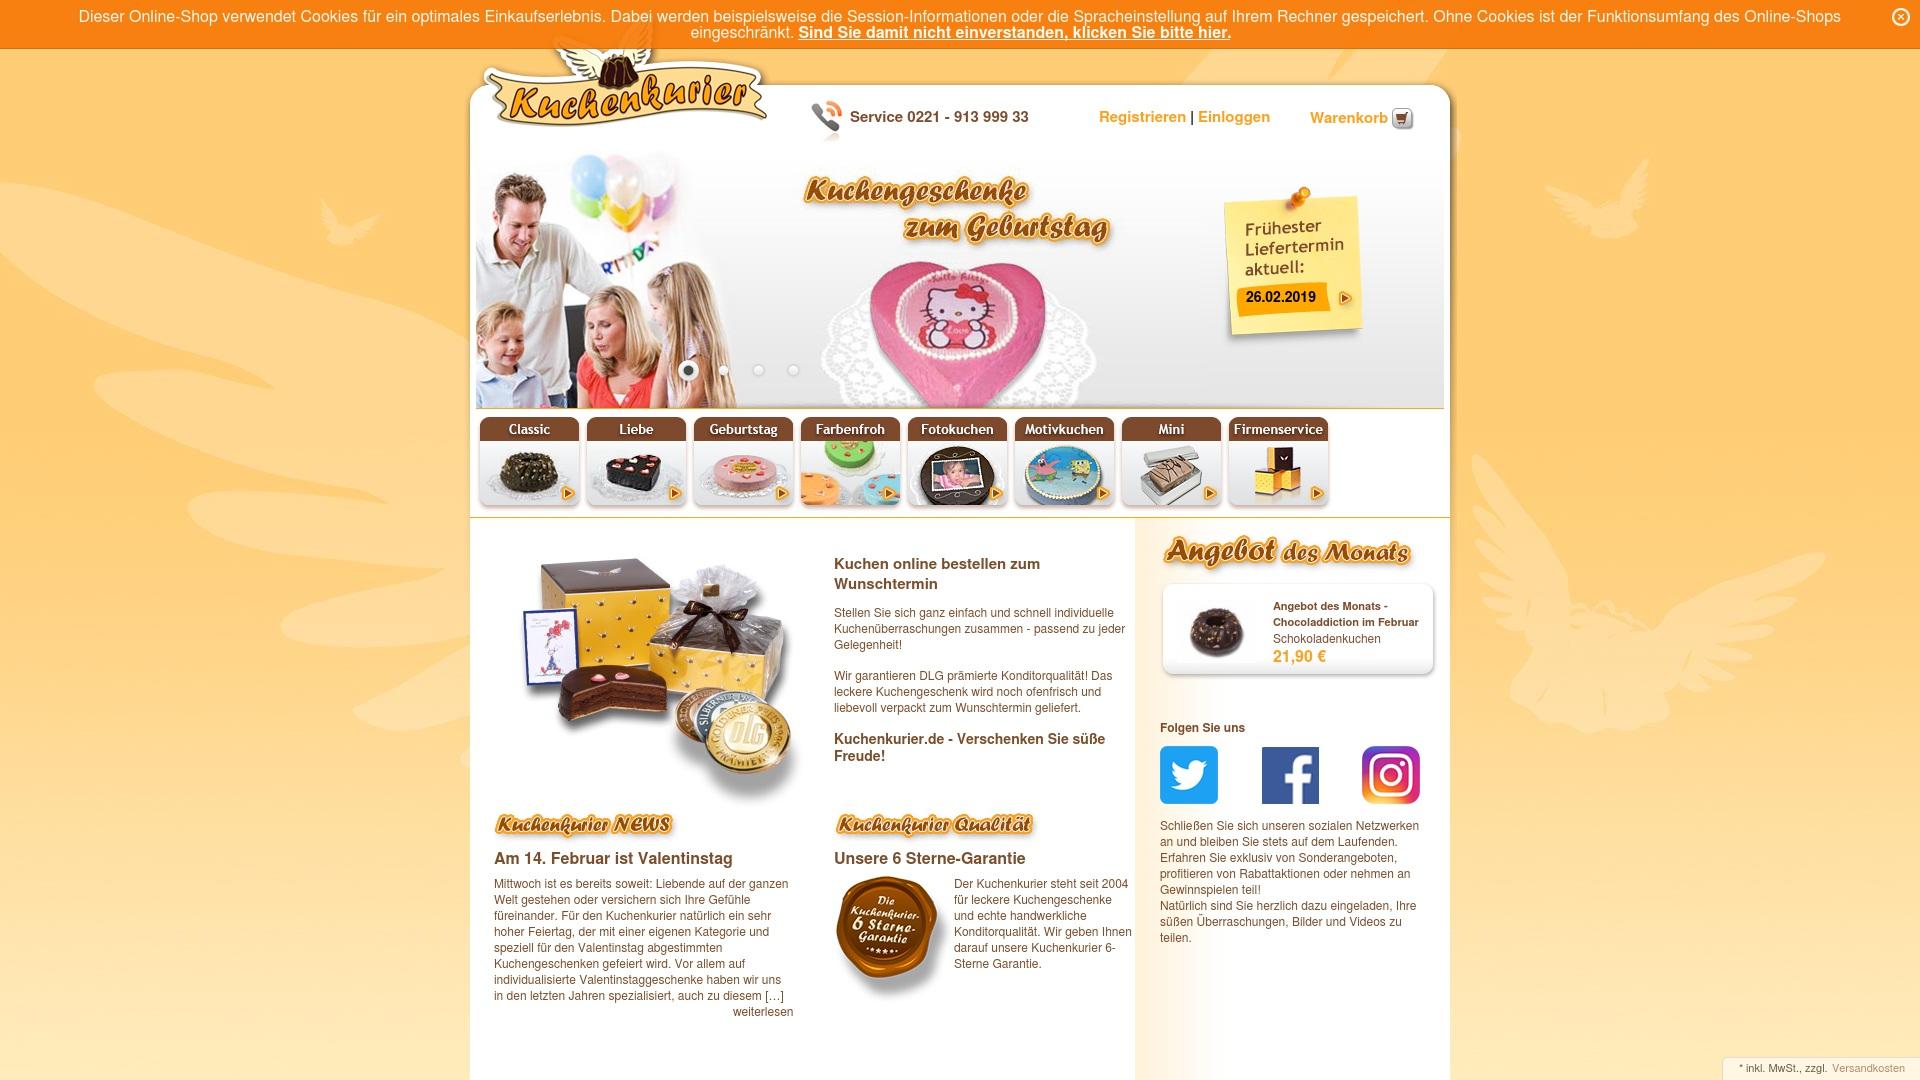 Gutschein für Kuchenkurier: Rabatte für  Kuchenkurier sichern